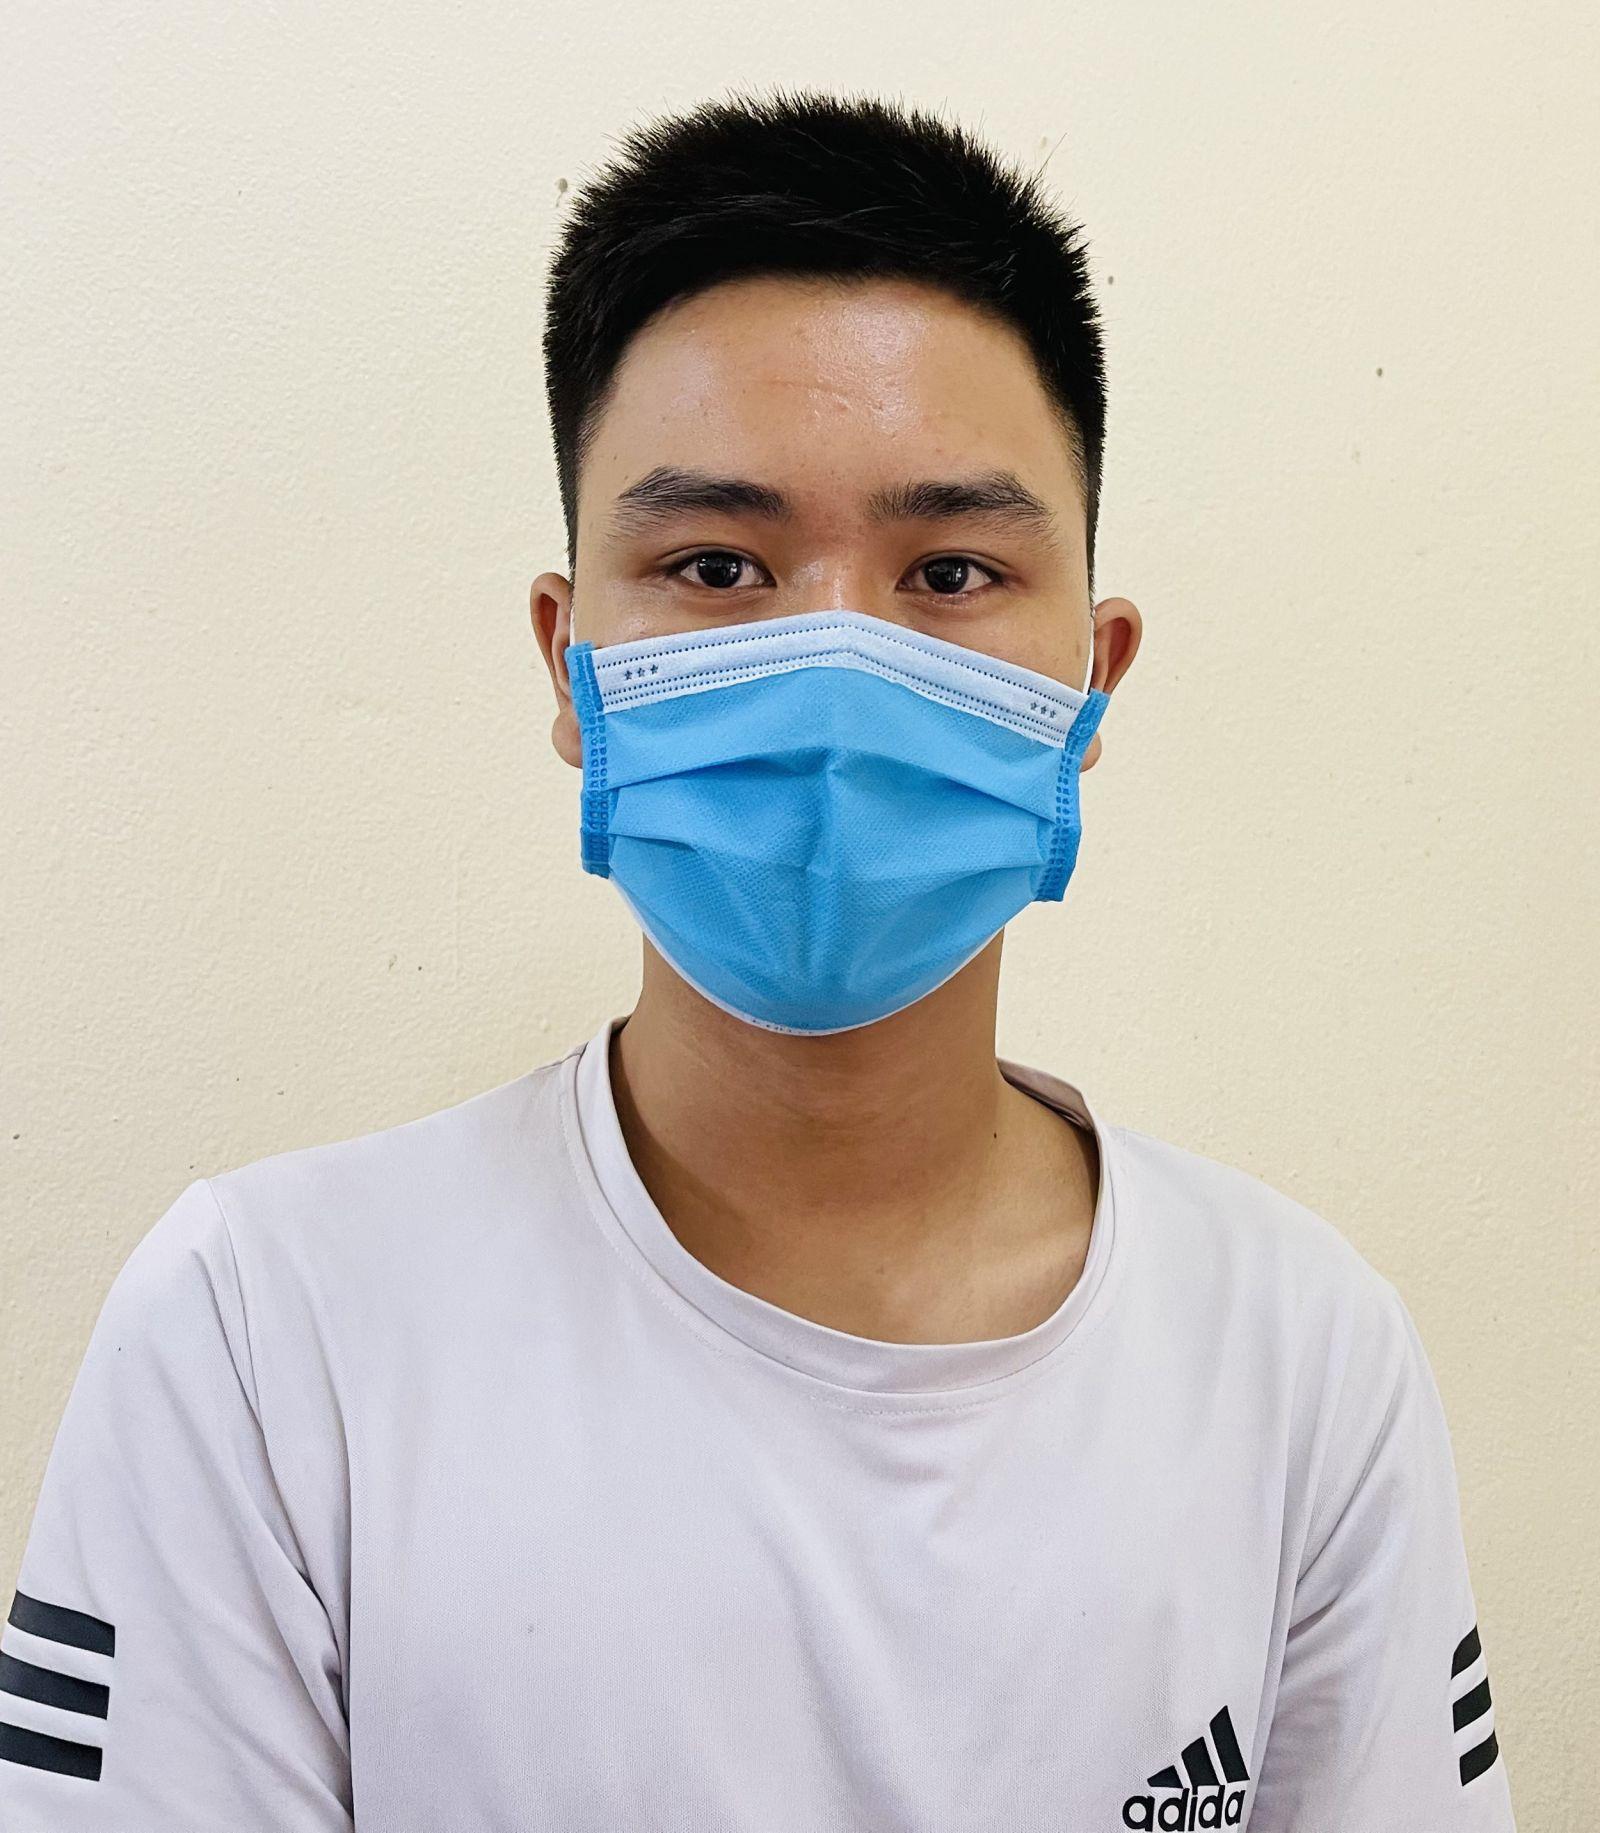 Đối tượng bị truy nã Nguyễn Văn Tuấn